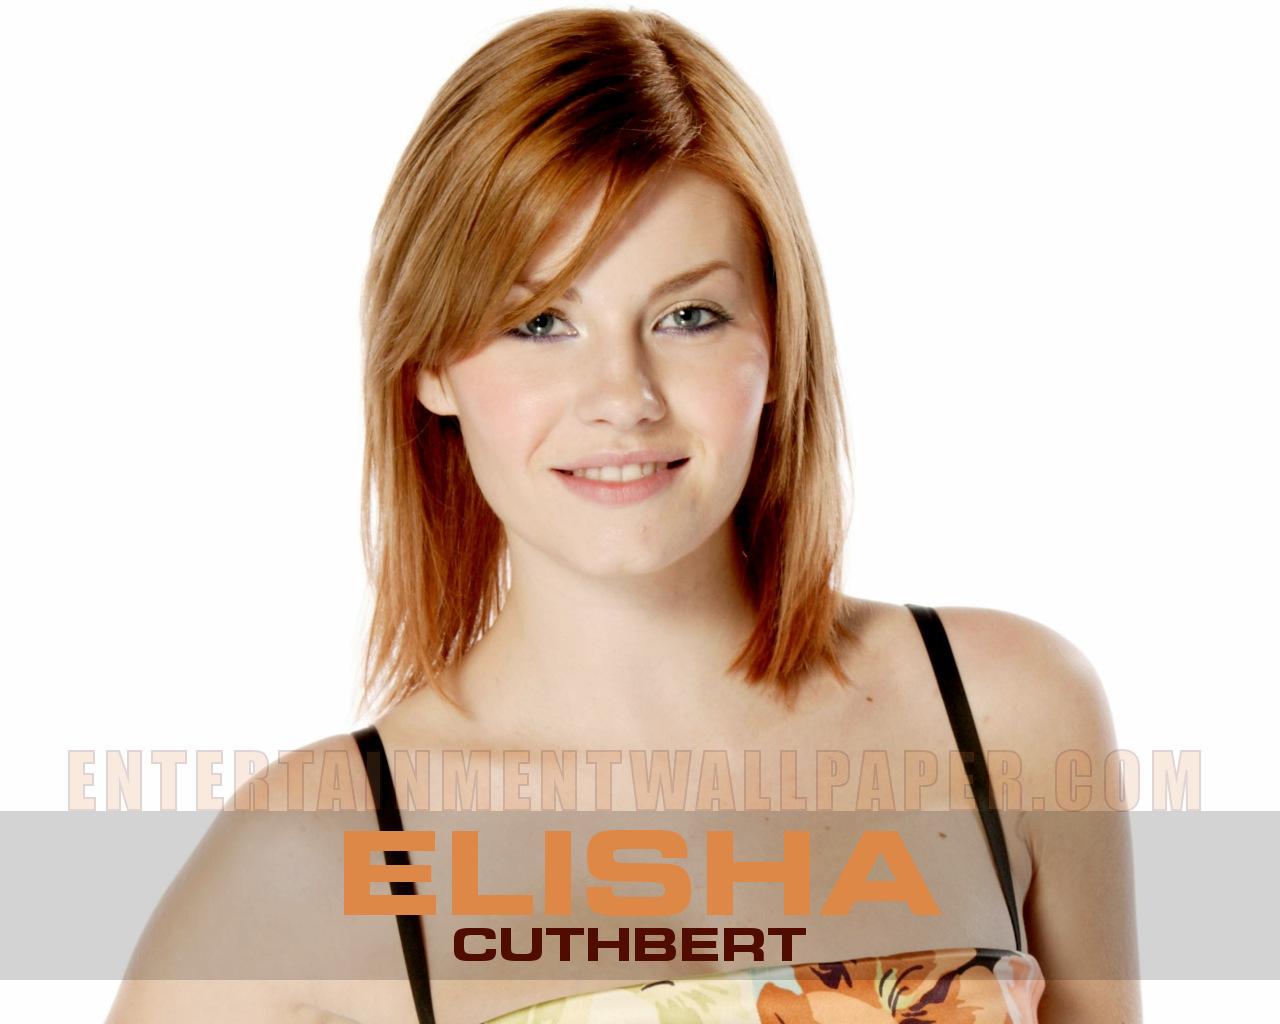 http://2.bp.blogspot.com/-nYV3QWaczvA/TsThauUjtZI/AAAAAAAACuA/-qLwyOt0RGM/s1600/elisha_cuthbert02.jpg